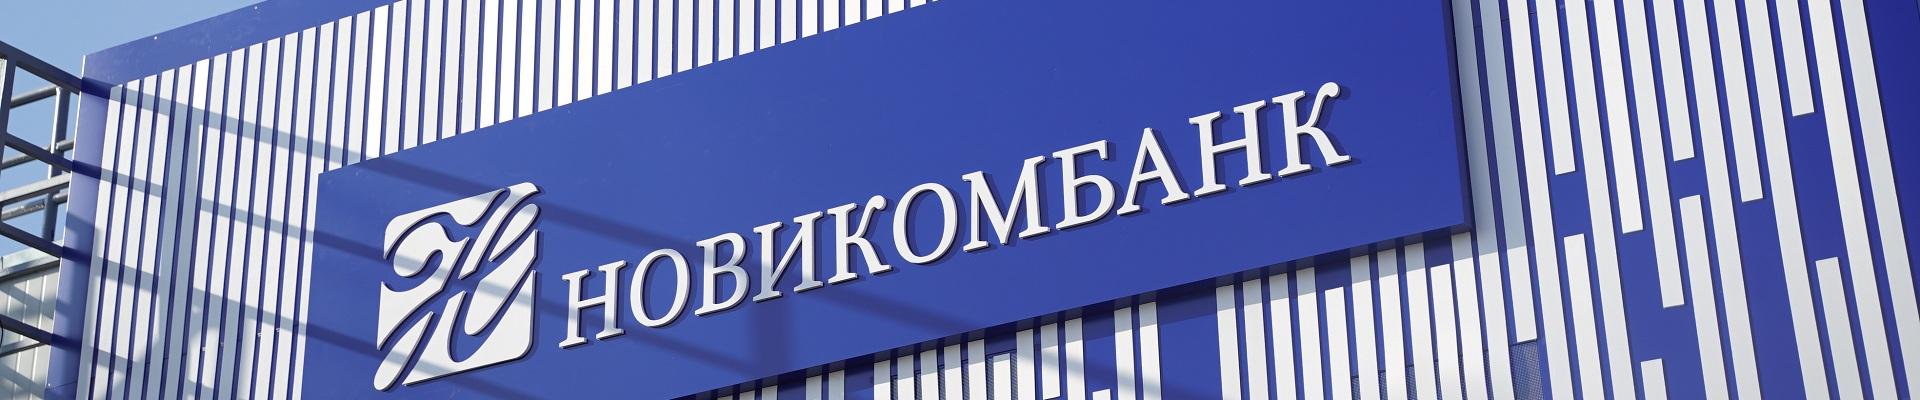 Крупные российские банки предлагают новые выгодные условия кредитования по нескольким продуктам